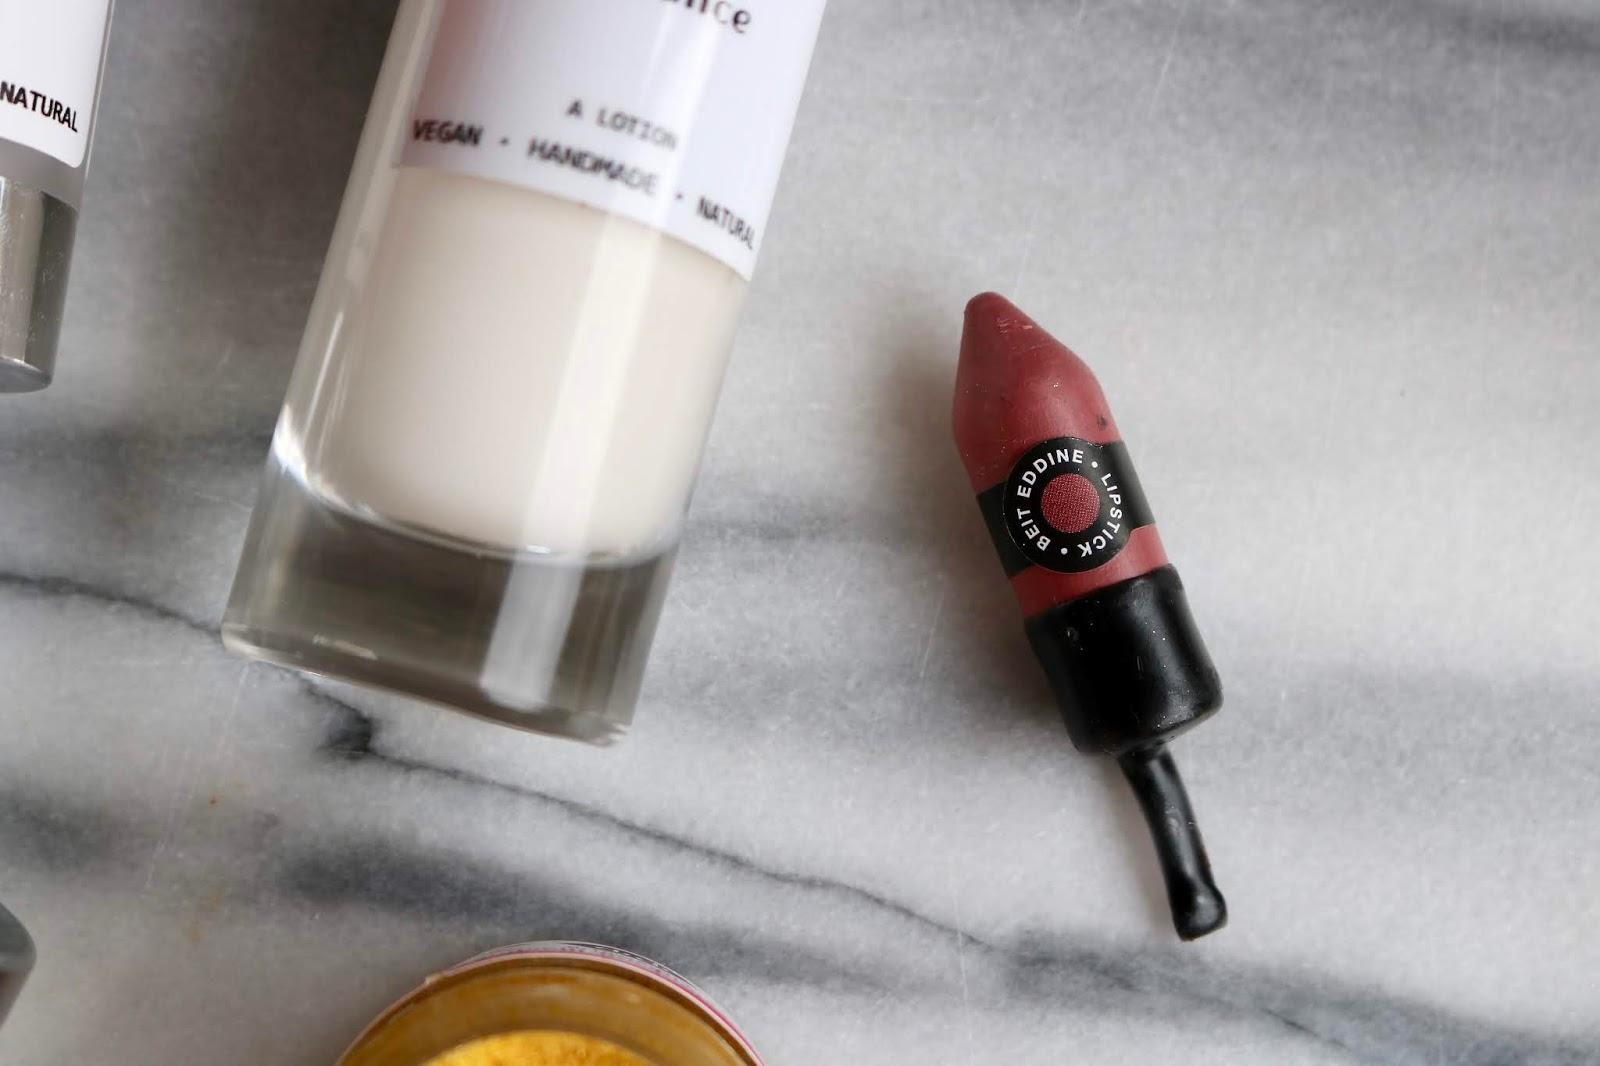 Lush Beiteddine Lipstick